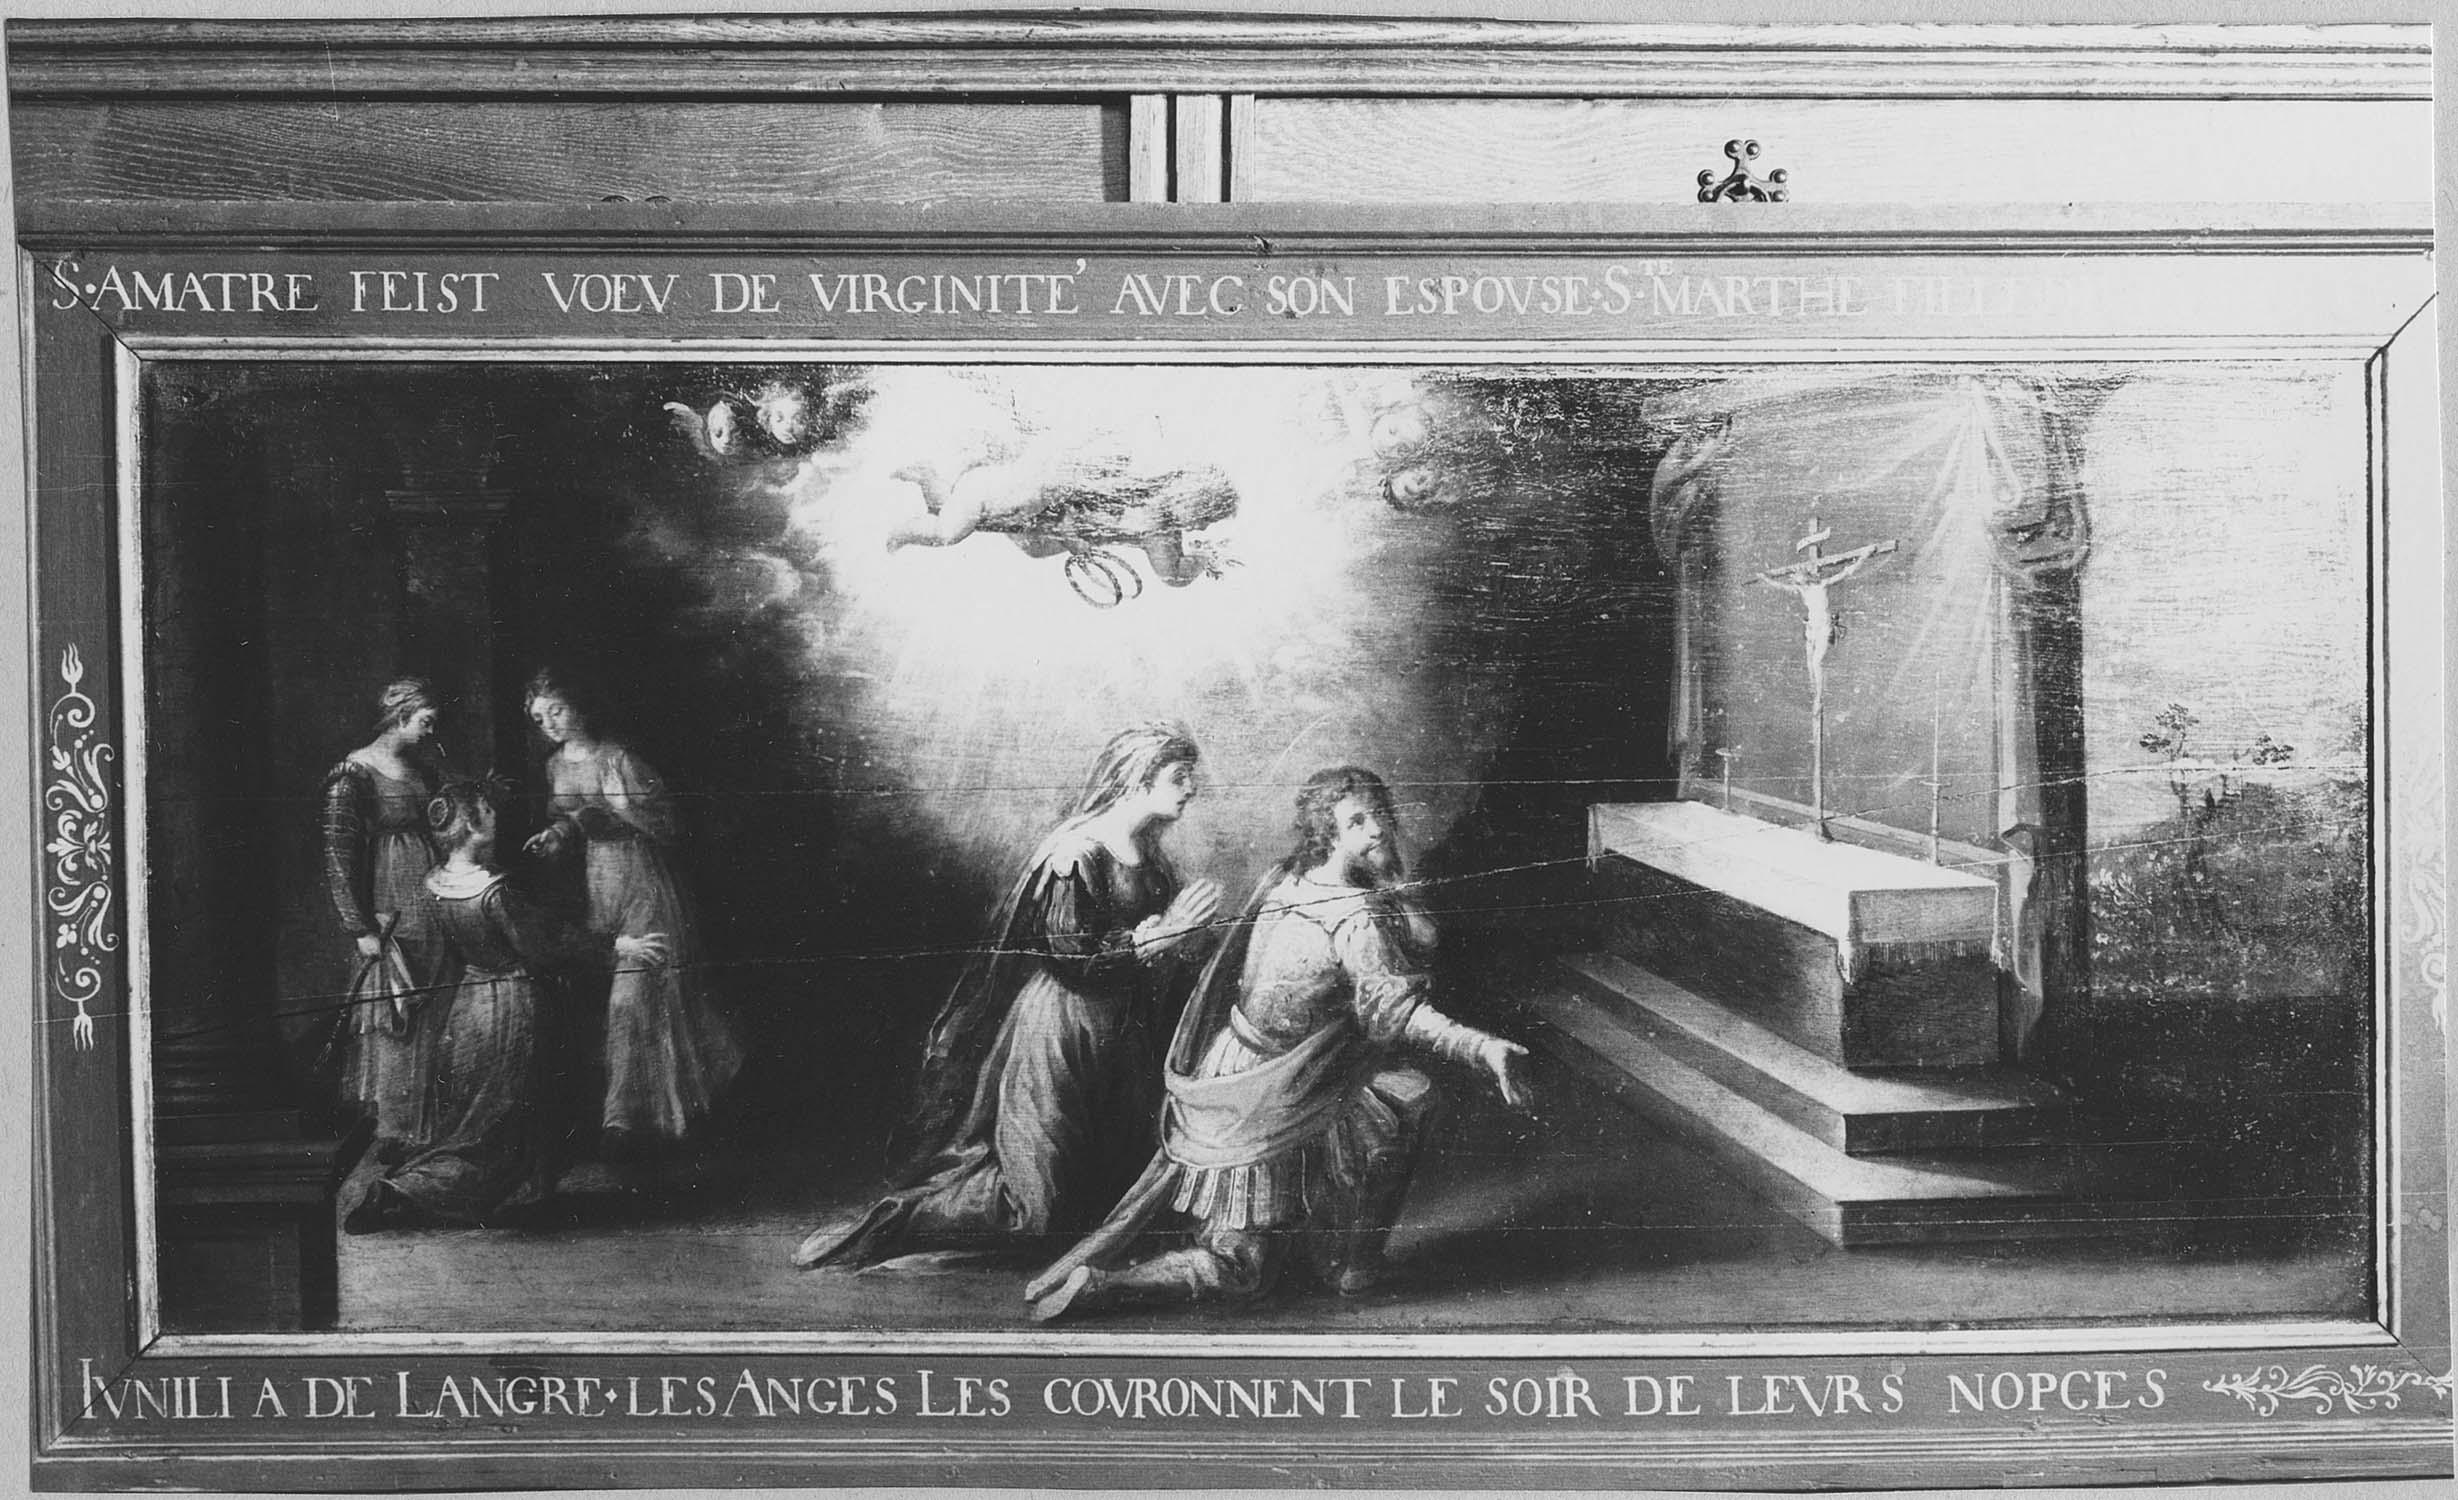 4 tableaux : Vie de saint Amâtre (La)